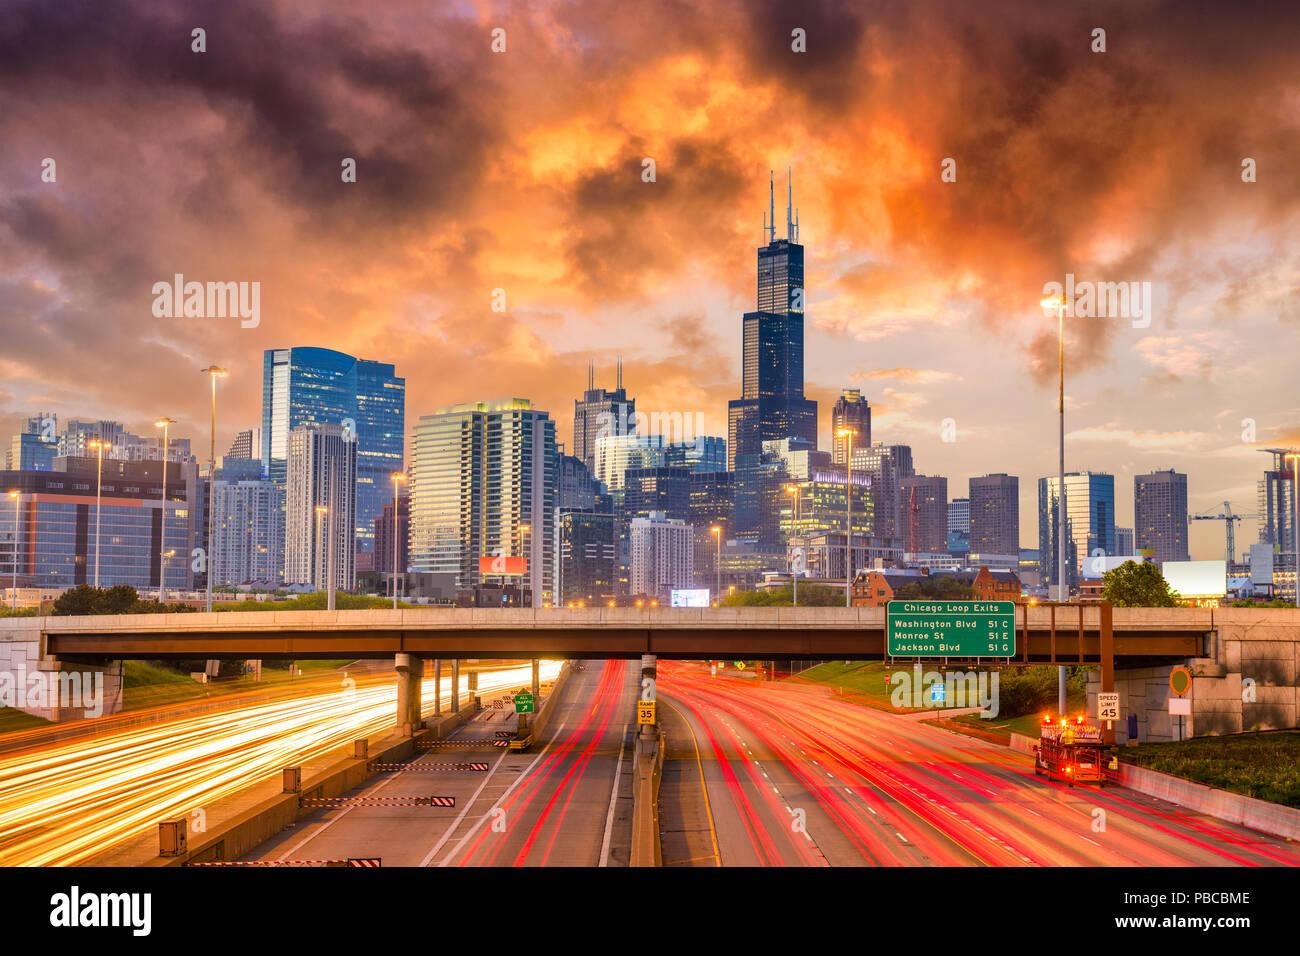 Chicago, Illinois, USA sur le centre-ville sur la voirie au crépuscule. Photo Stock